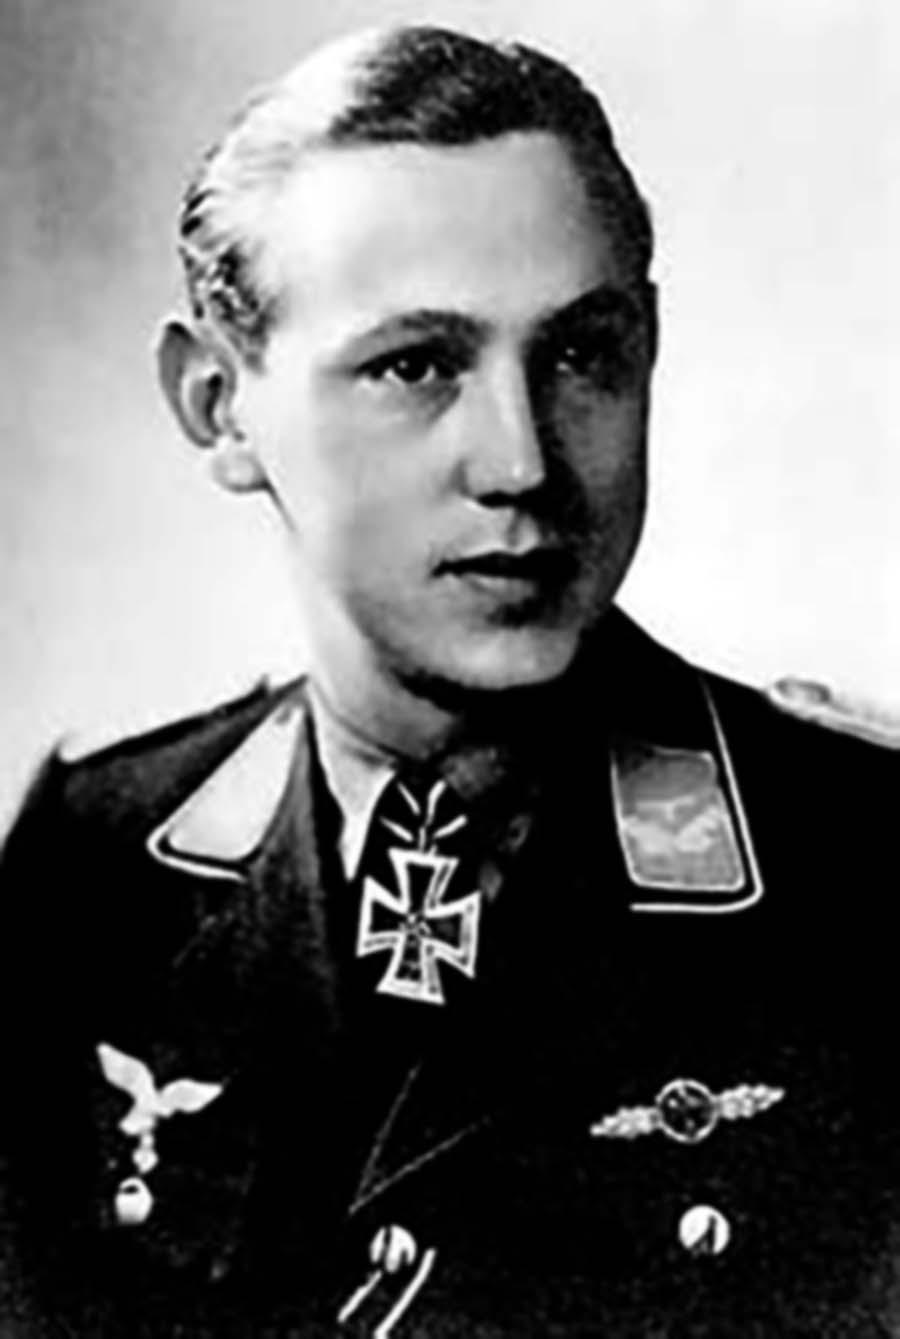 Aircrew Luftwaffe JG27 ace Friedrich Korner 01